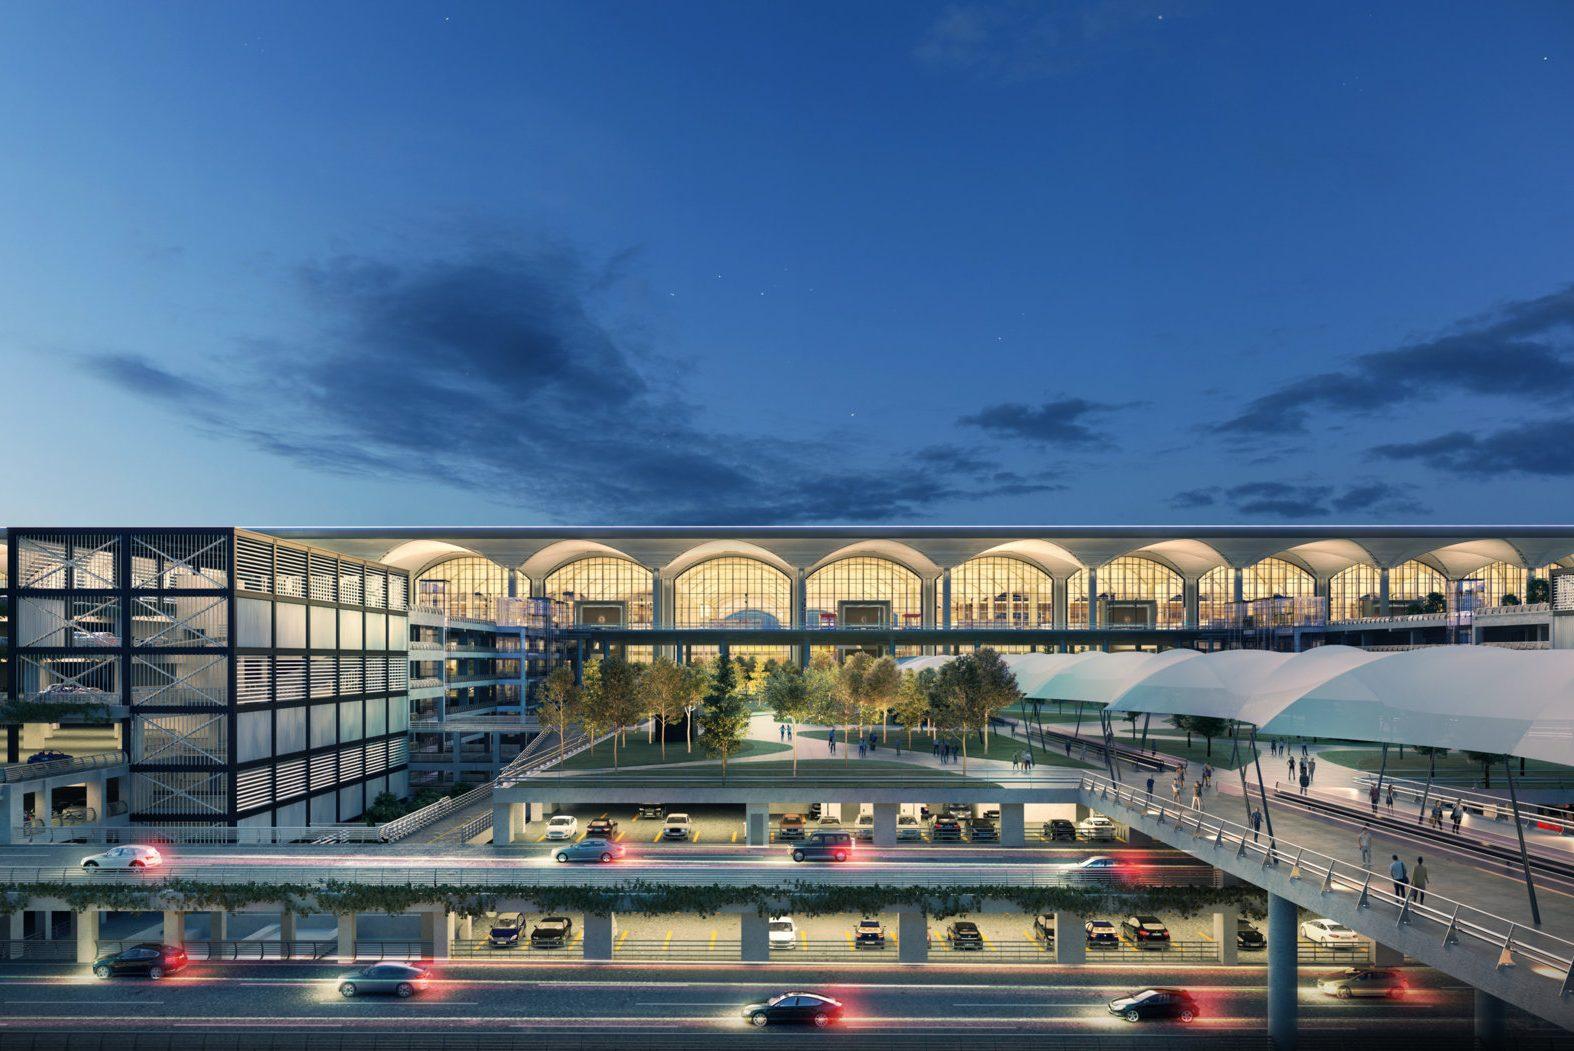 Kết quả hình ảnh cho sân bay istanbul